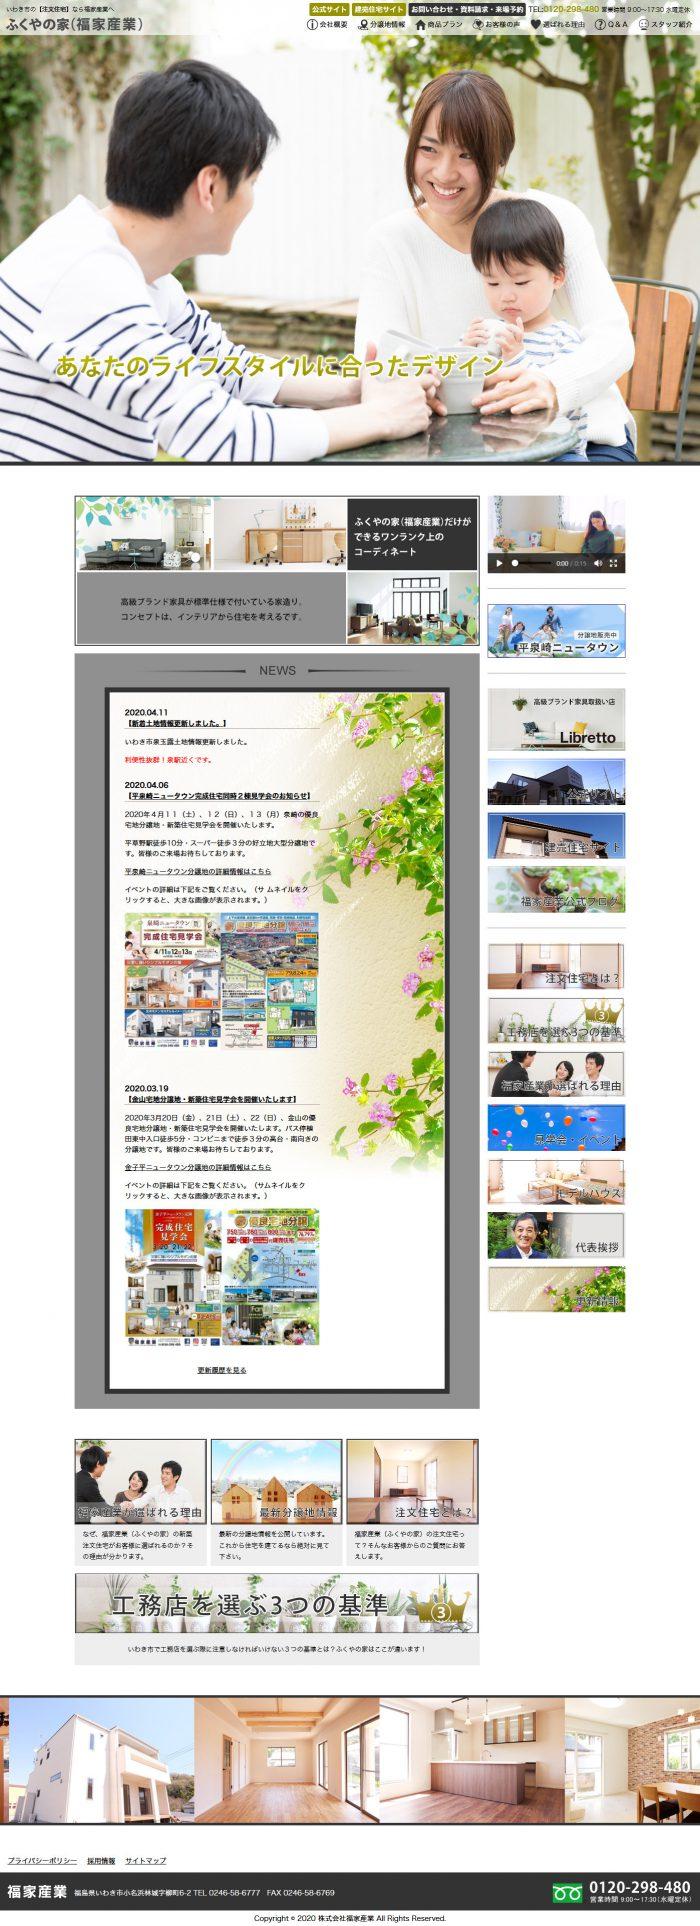 株式会社福家産業 様 注文住宅専門サイト